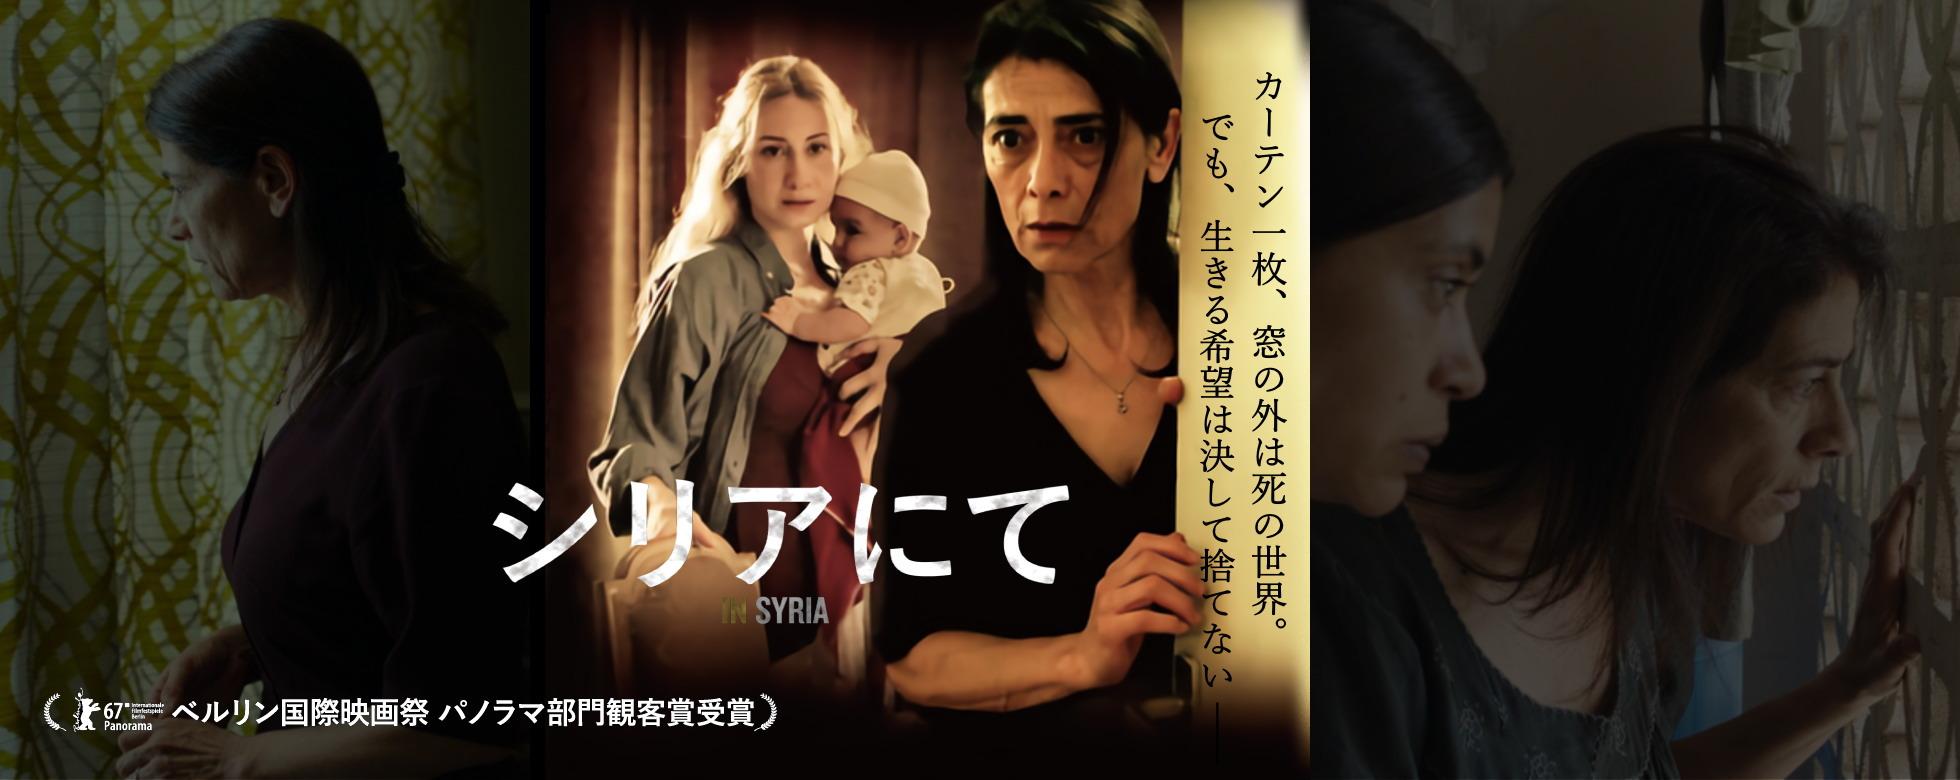 映画『シリアにて』